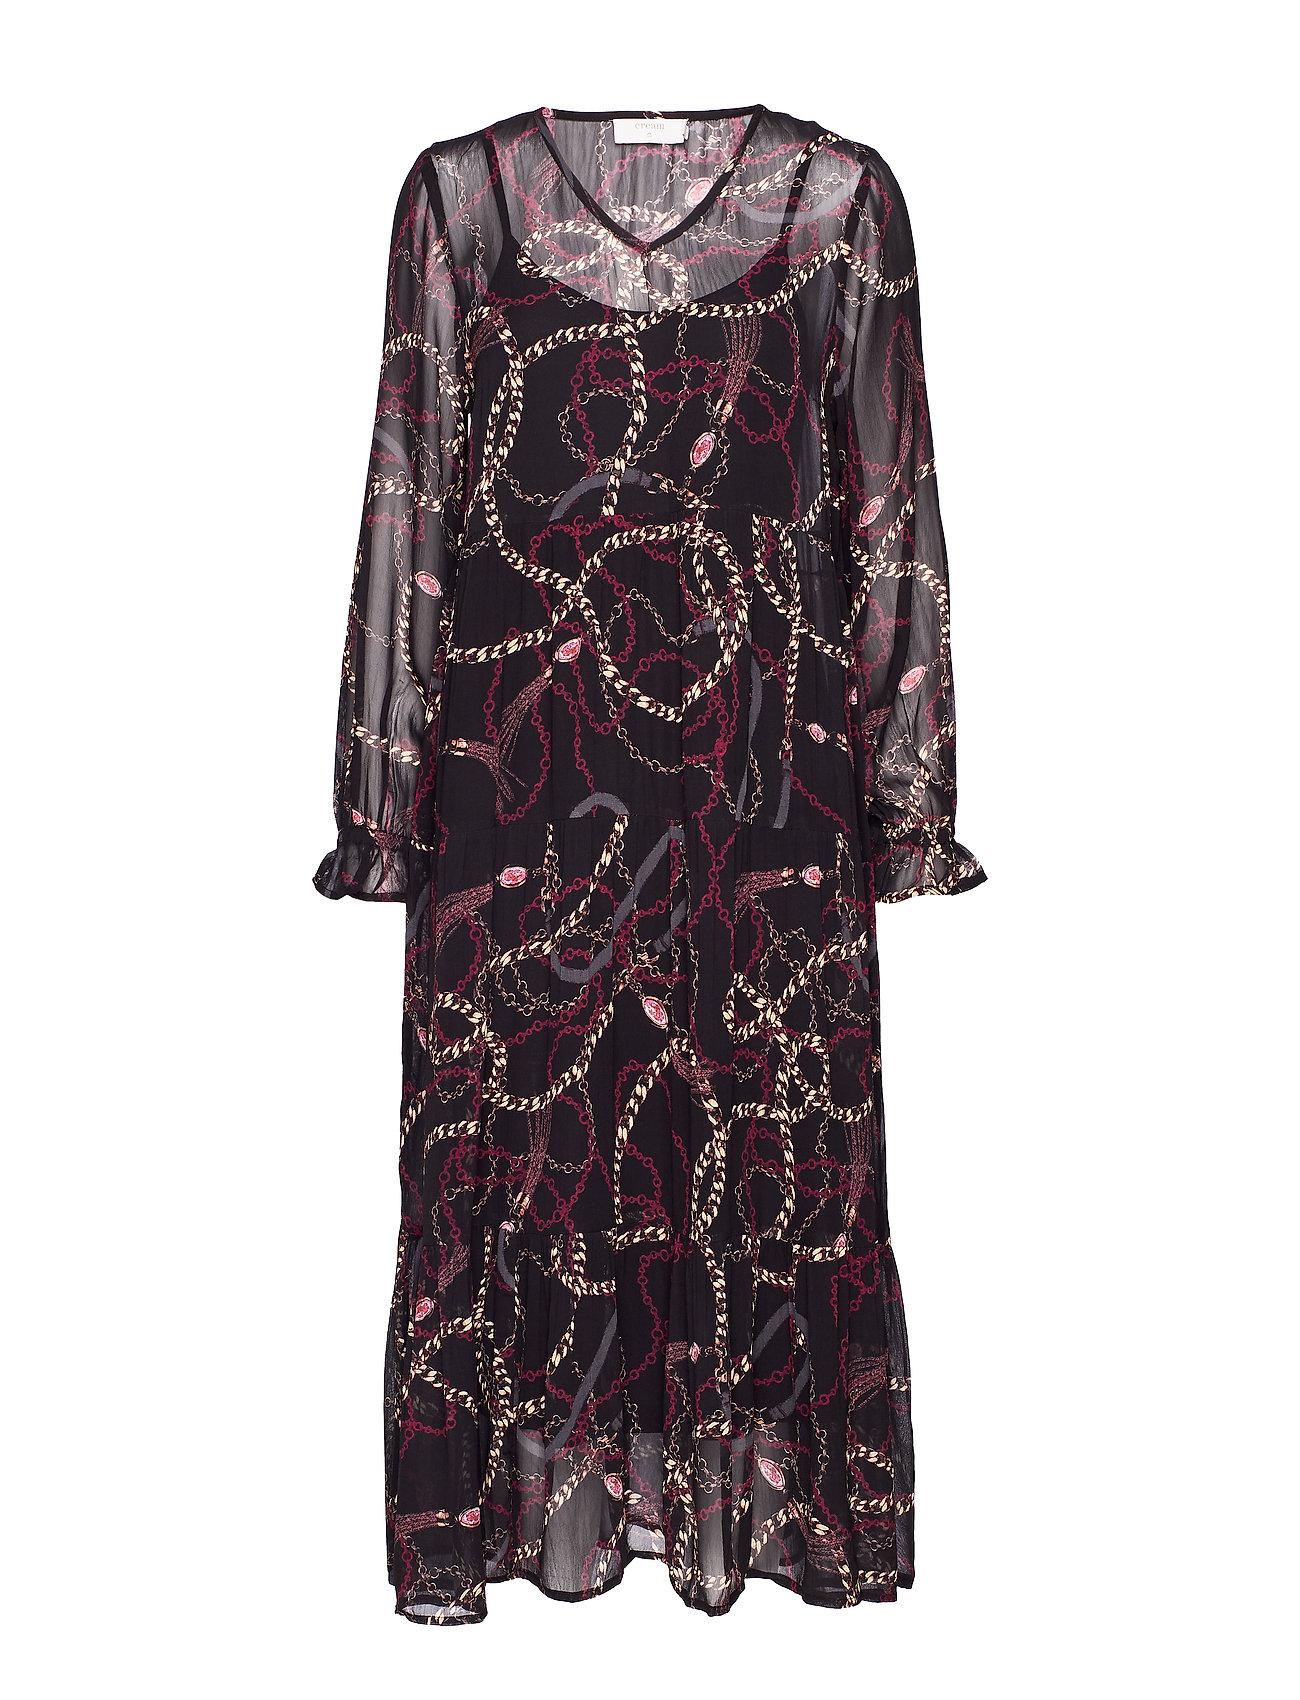 Cream CindyCR Dress - PITCH BLACK